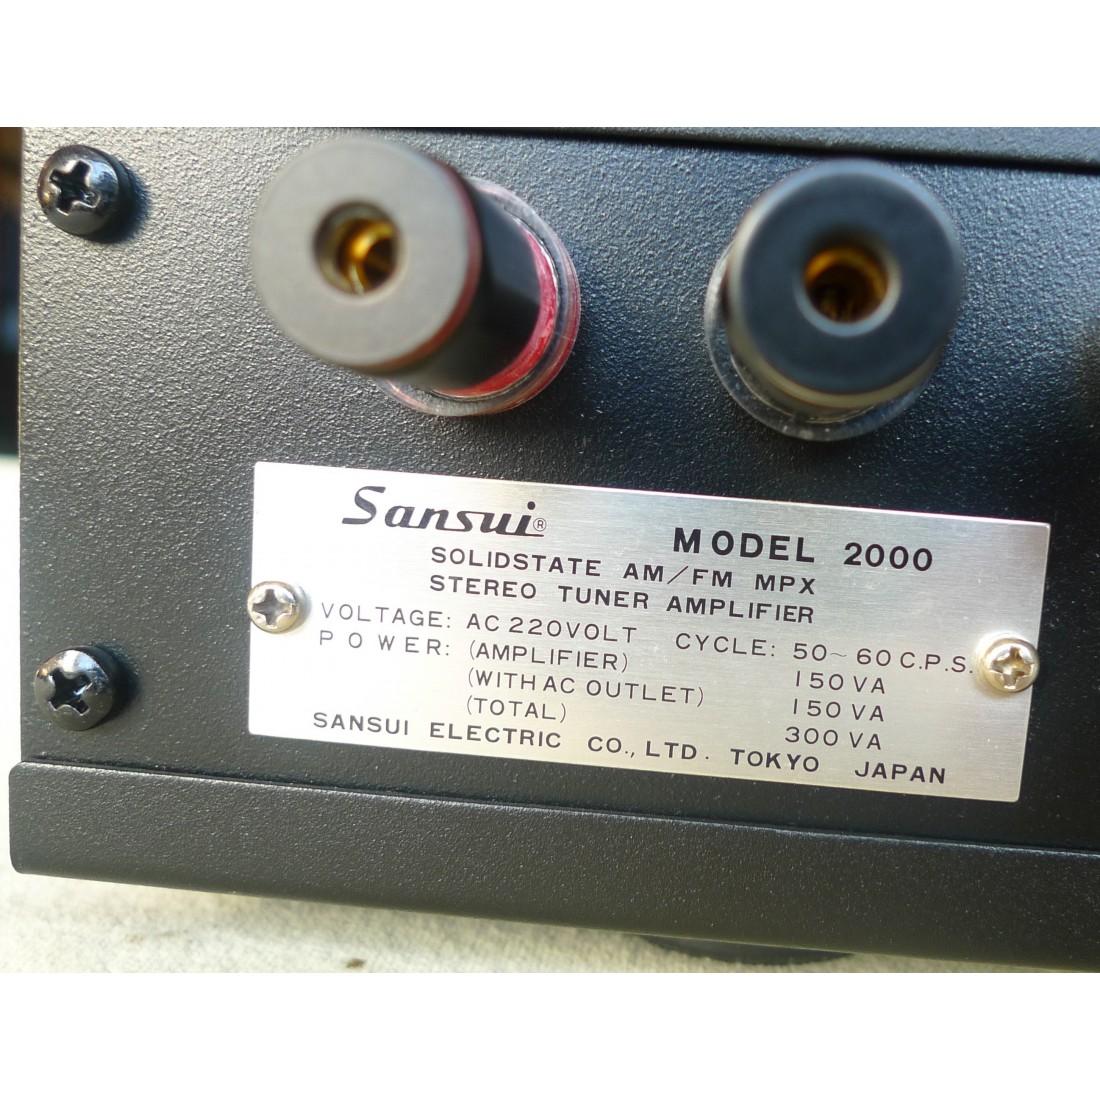 ampli de puissance 4 canaux ssp diy sur base de receivers sansui 2000. Black Bedroom Furniture Sets. Home Design Ideas